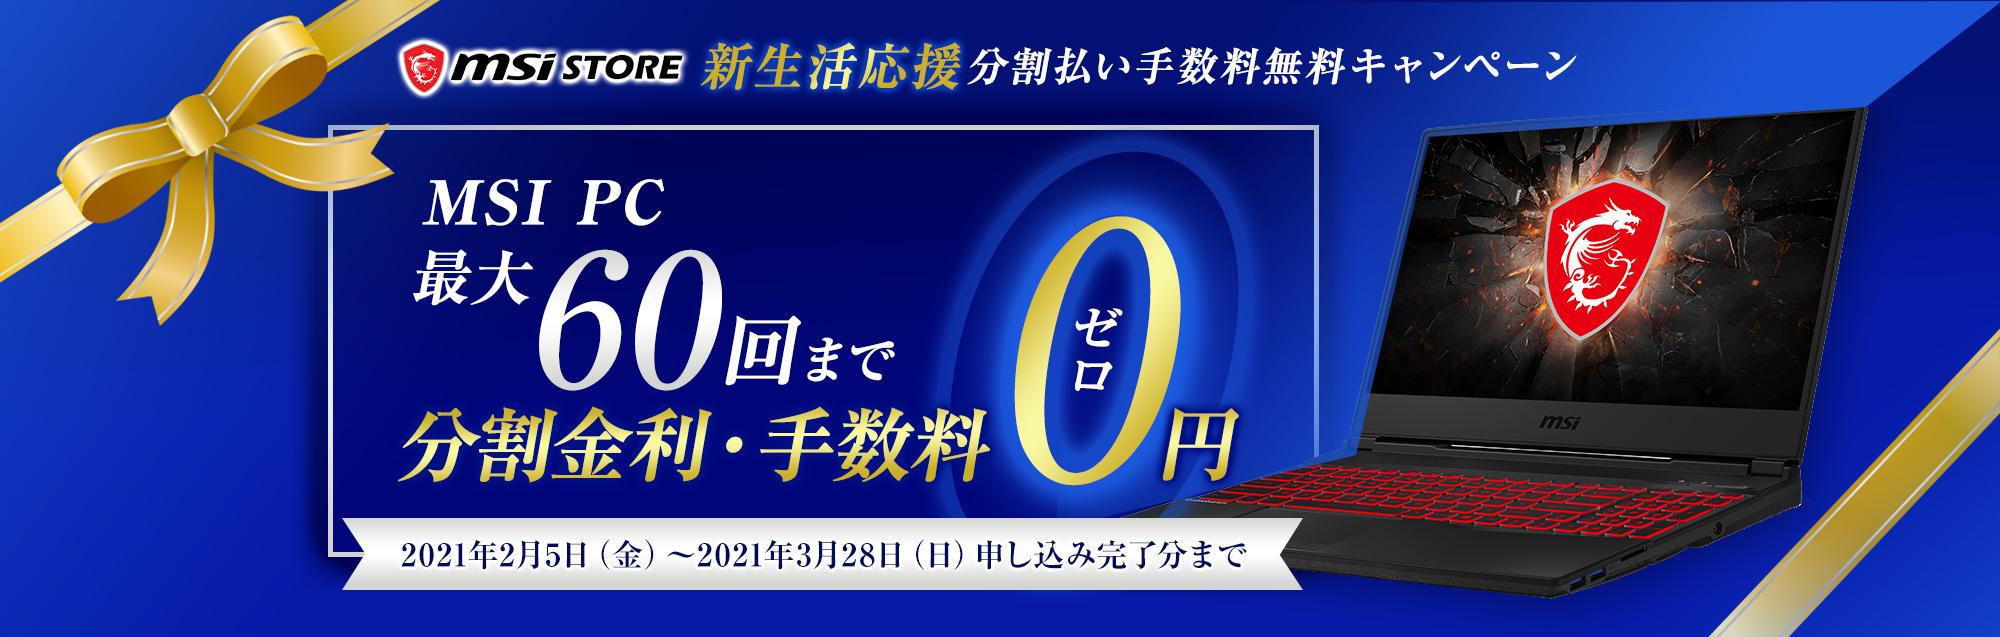 MSIストア1周年記念分割払い手数料無料キャンペーン